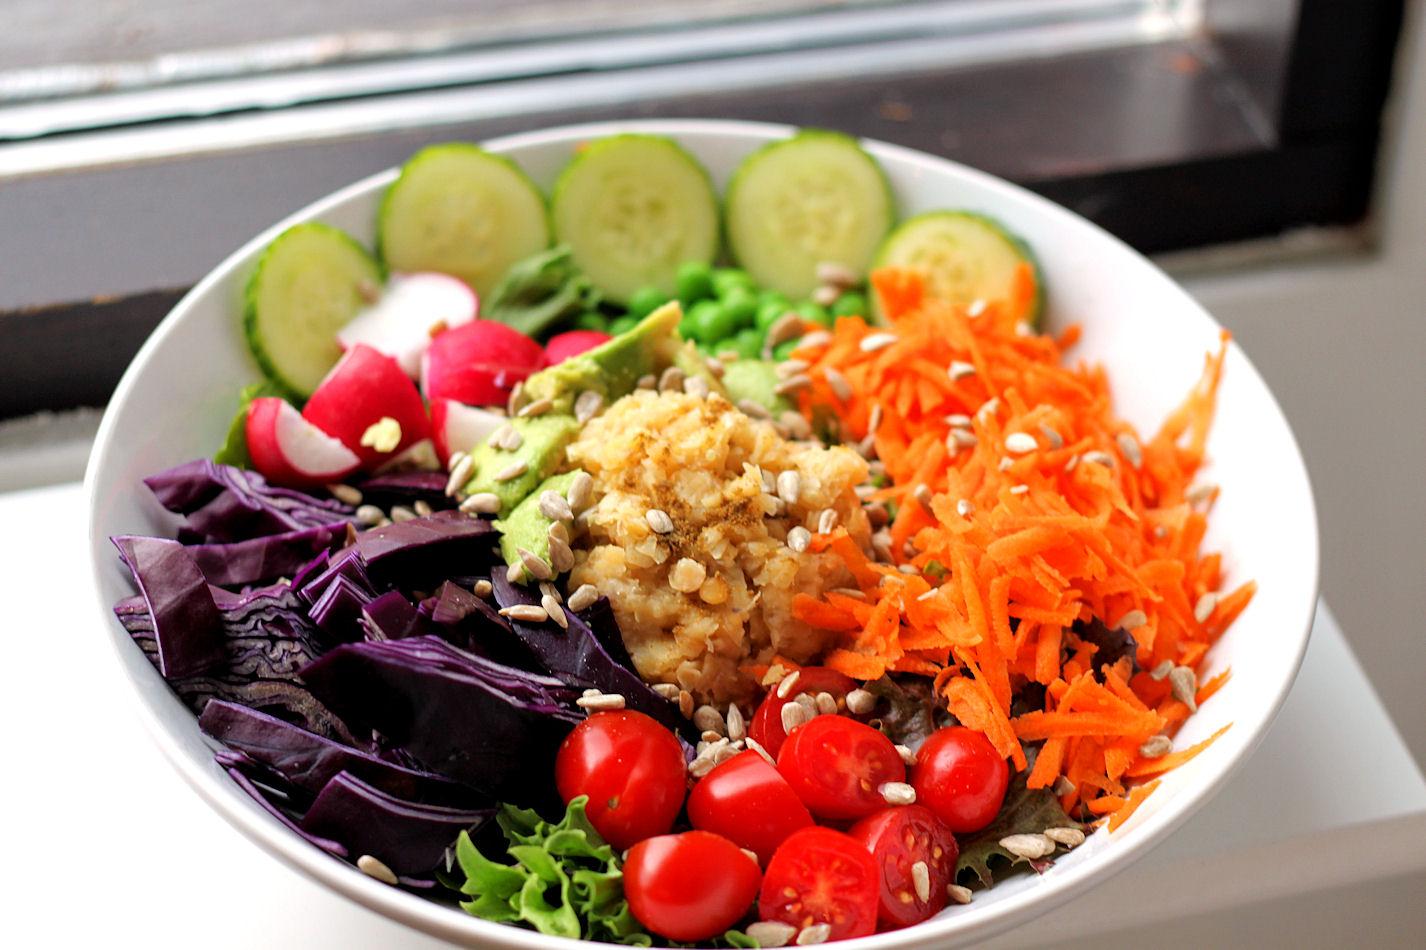 Kokoa lautaselle erivärisiä vihanneksia, niin saat vitamiineja. Lisäksi proteiineja ja hyviä rasvoja. :)